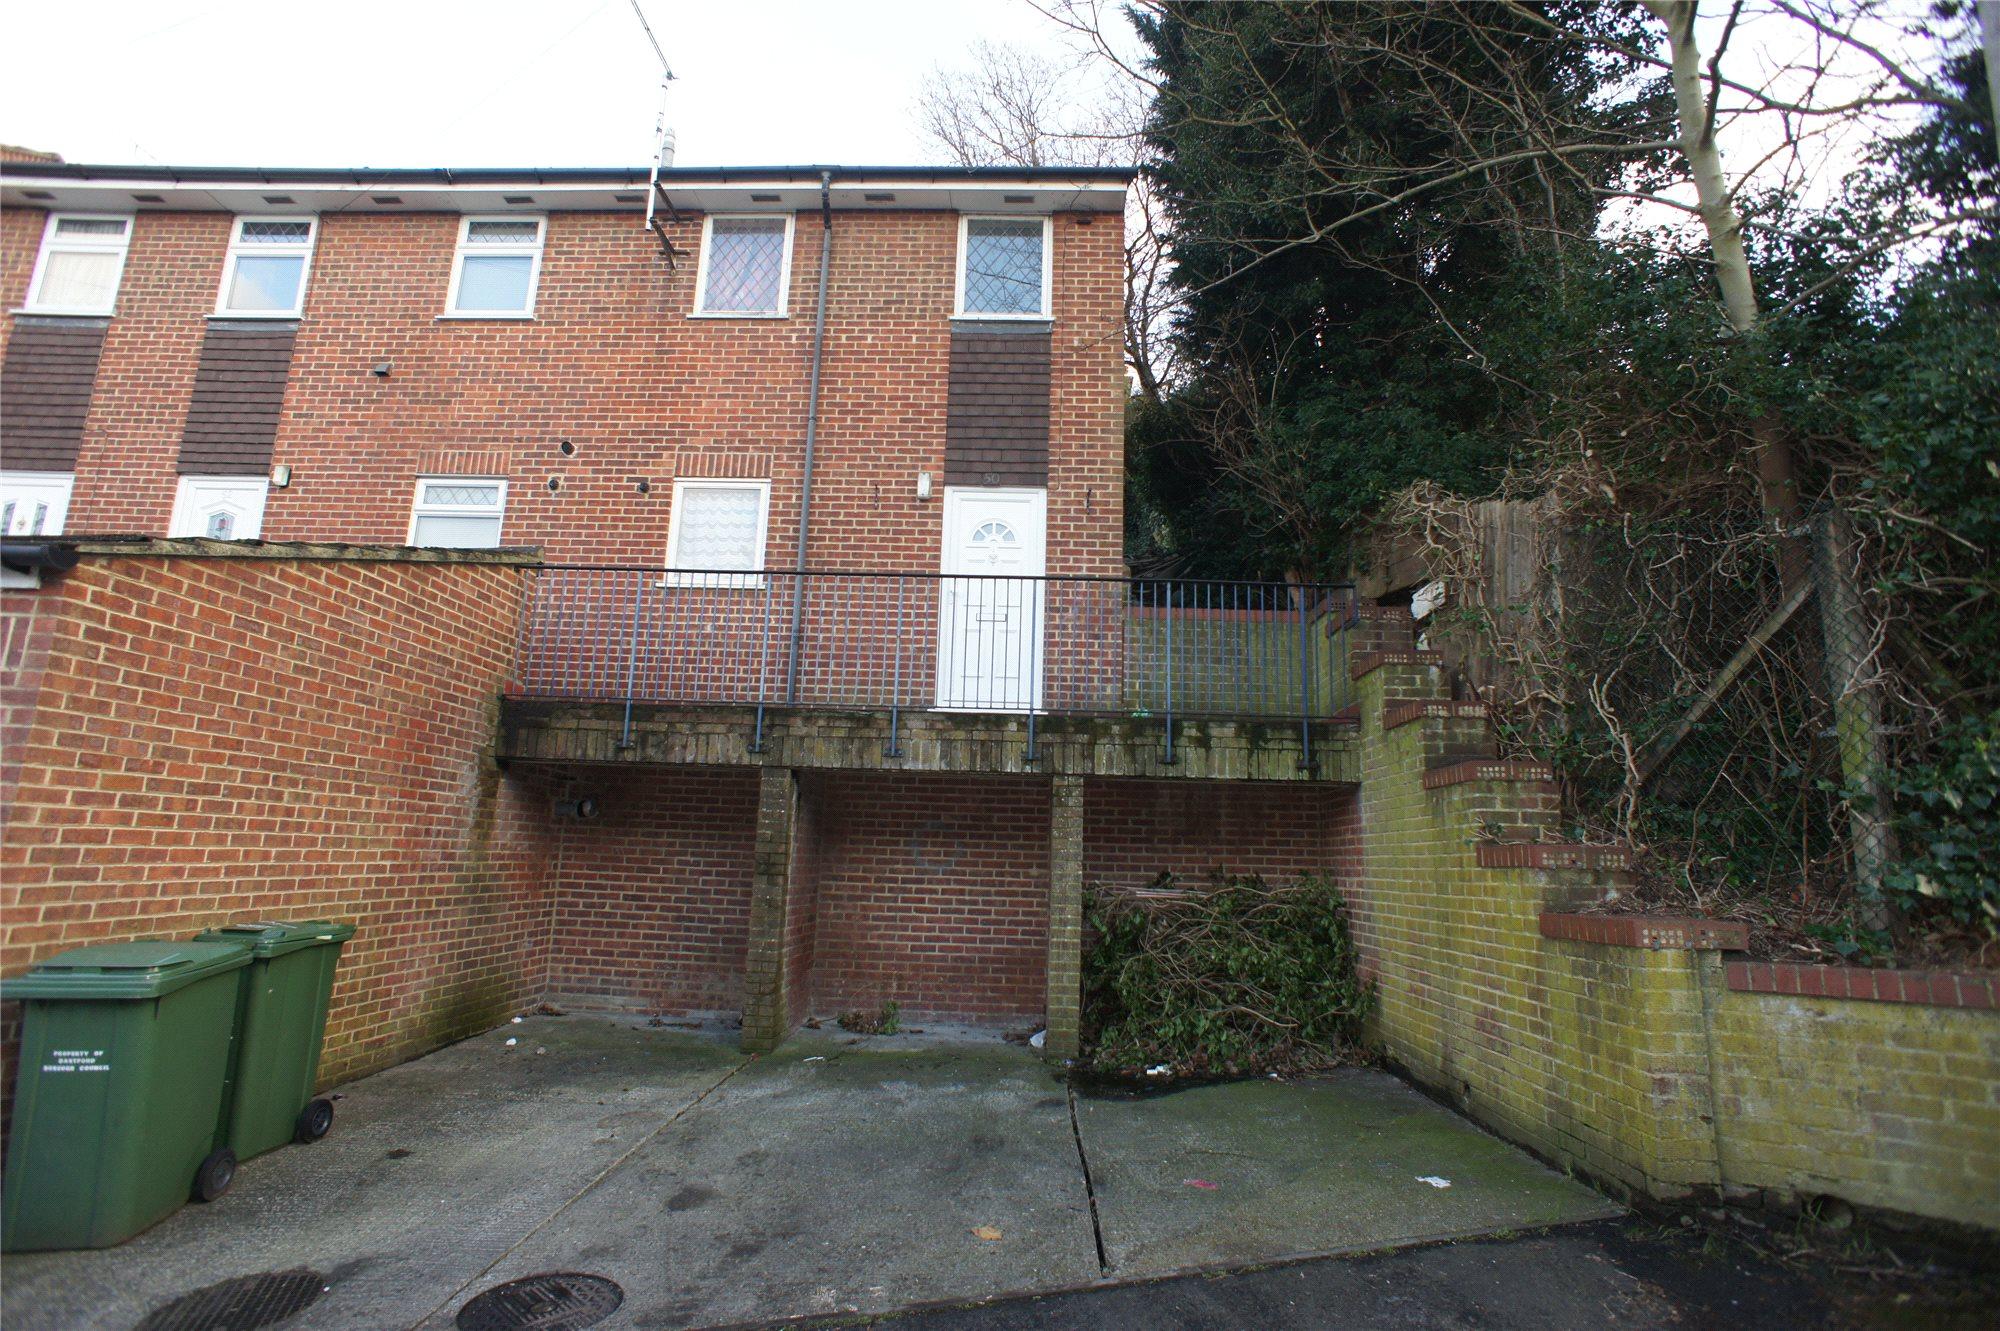 Clive Road, Belvedere, Kent, DA17